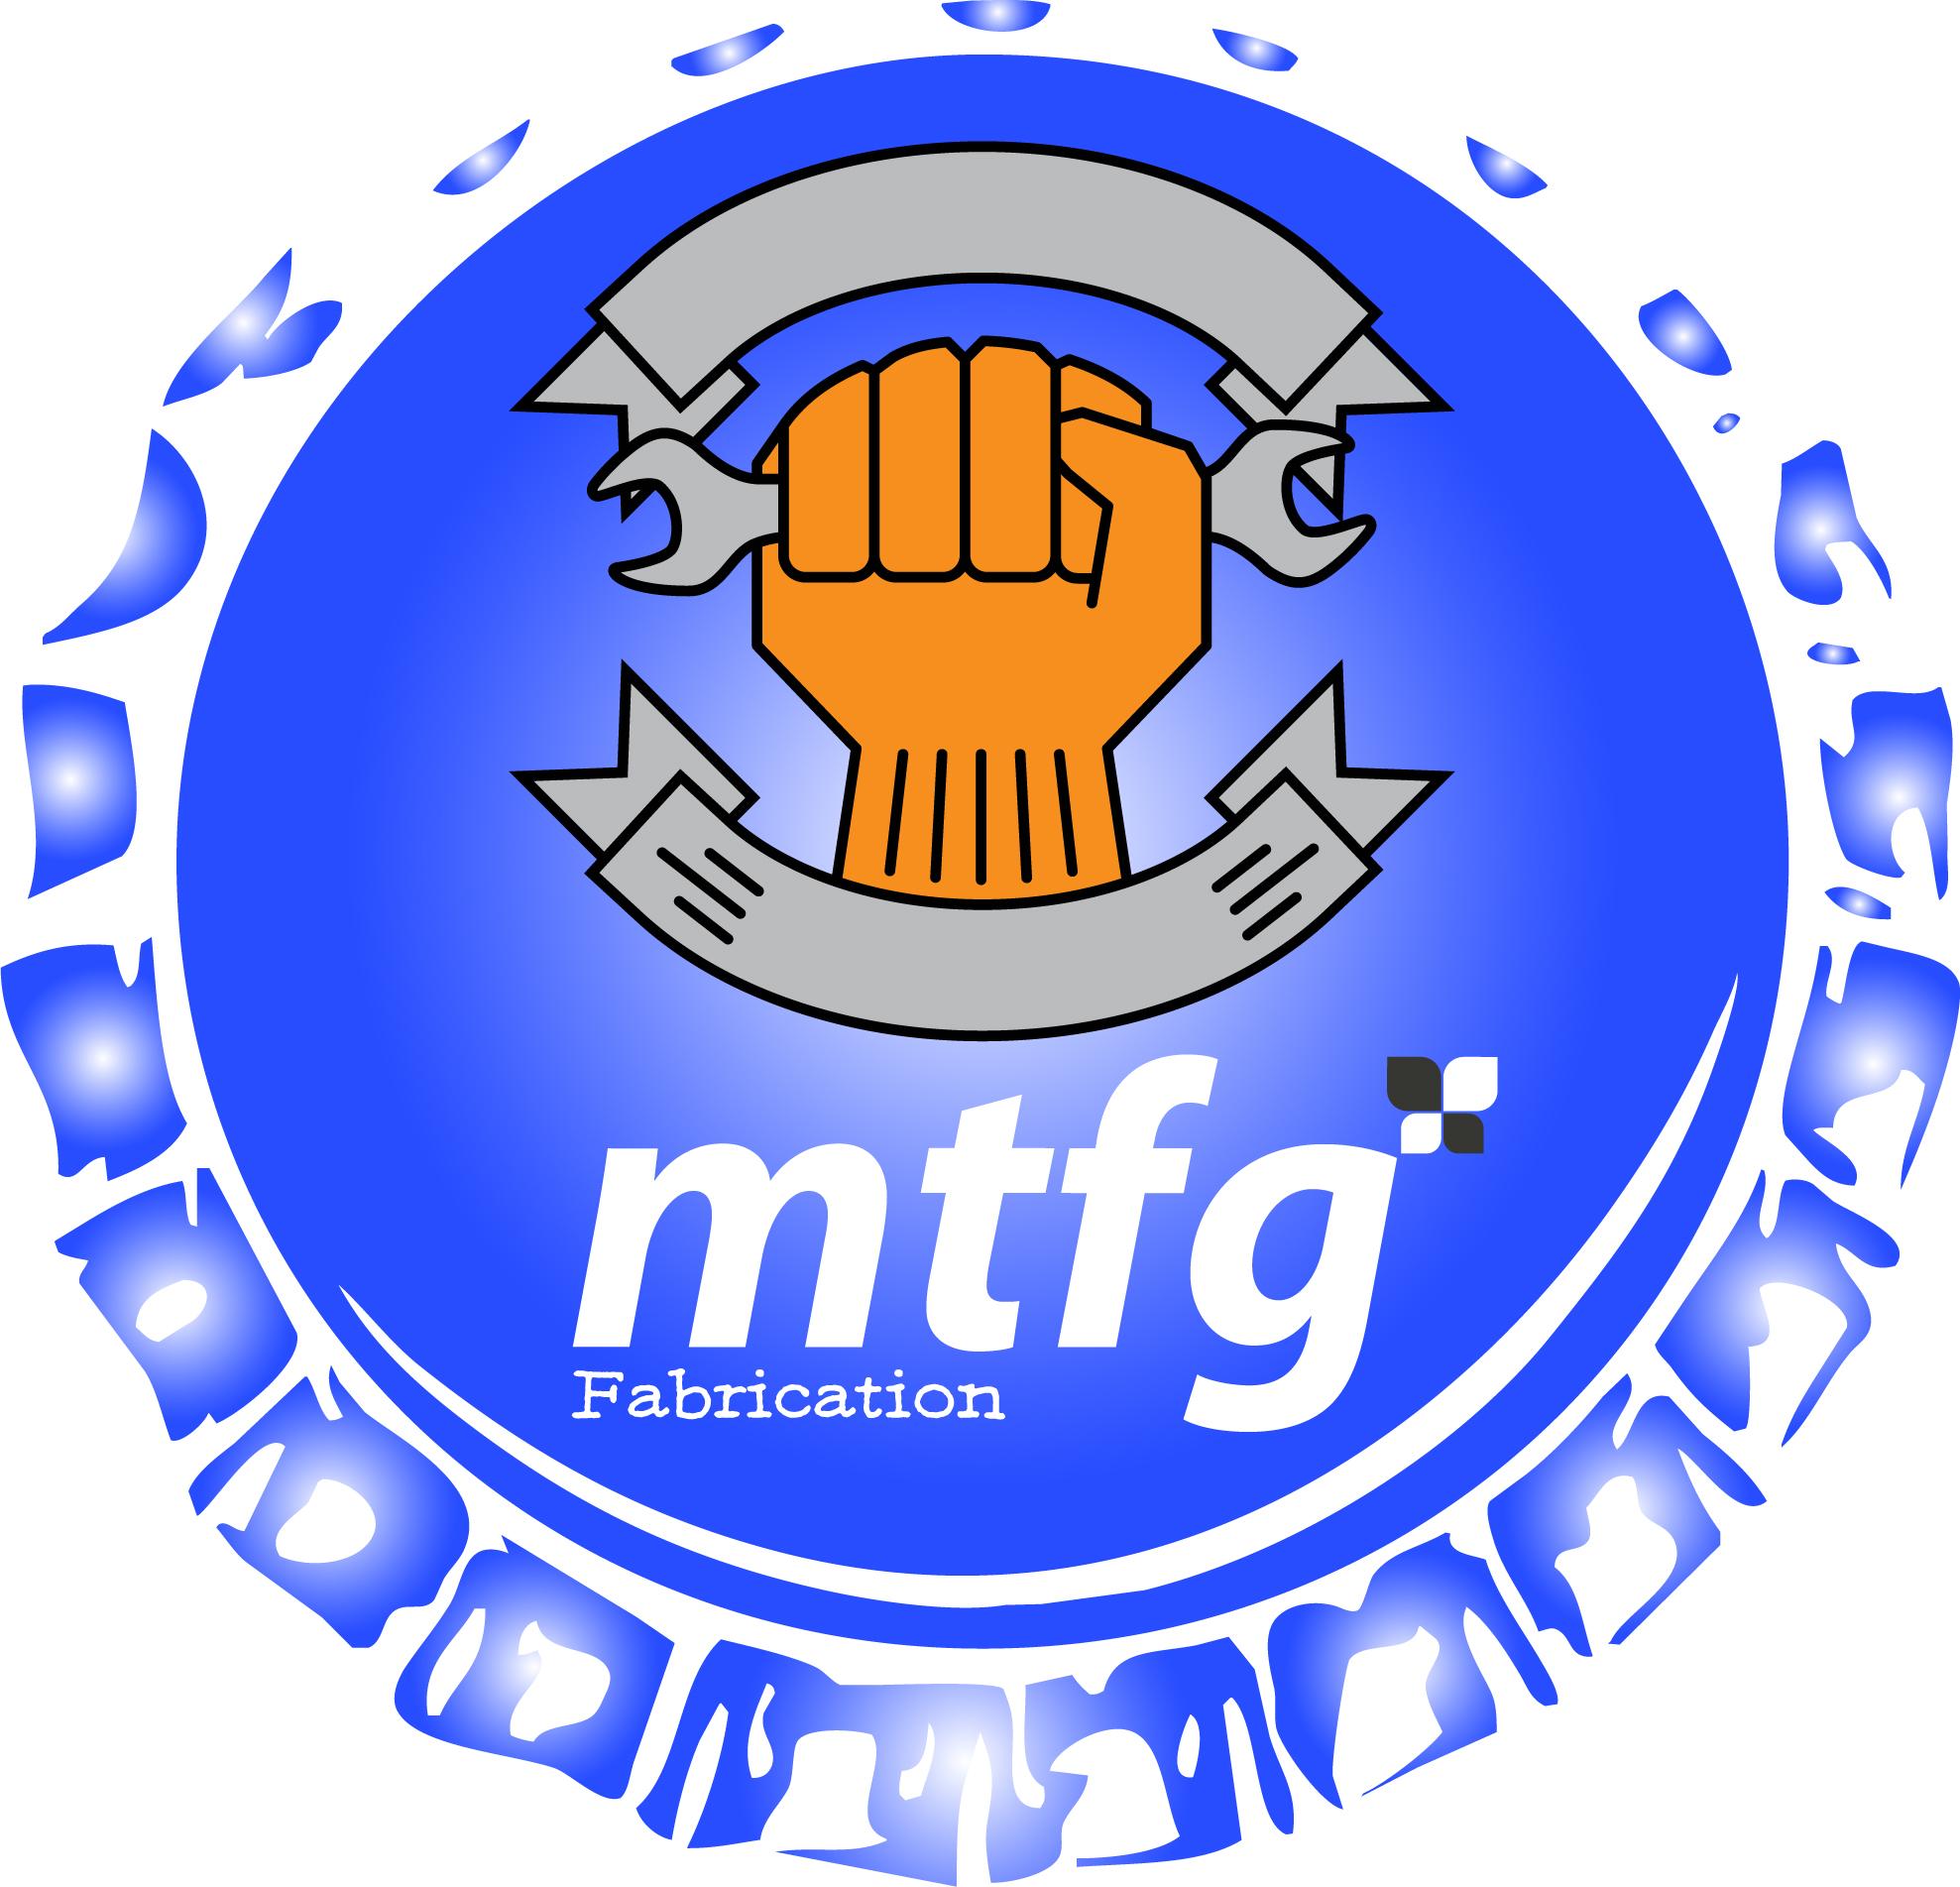 MTFG Fabrication